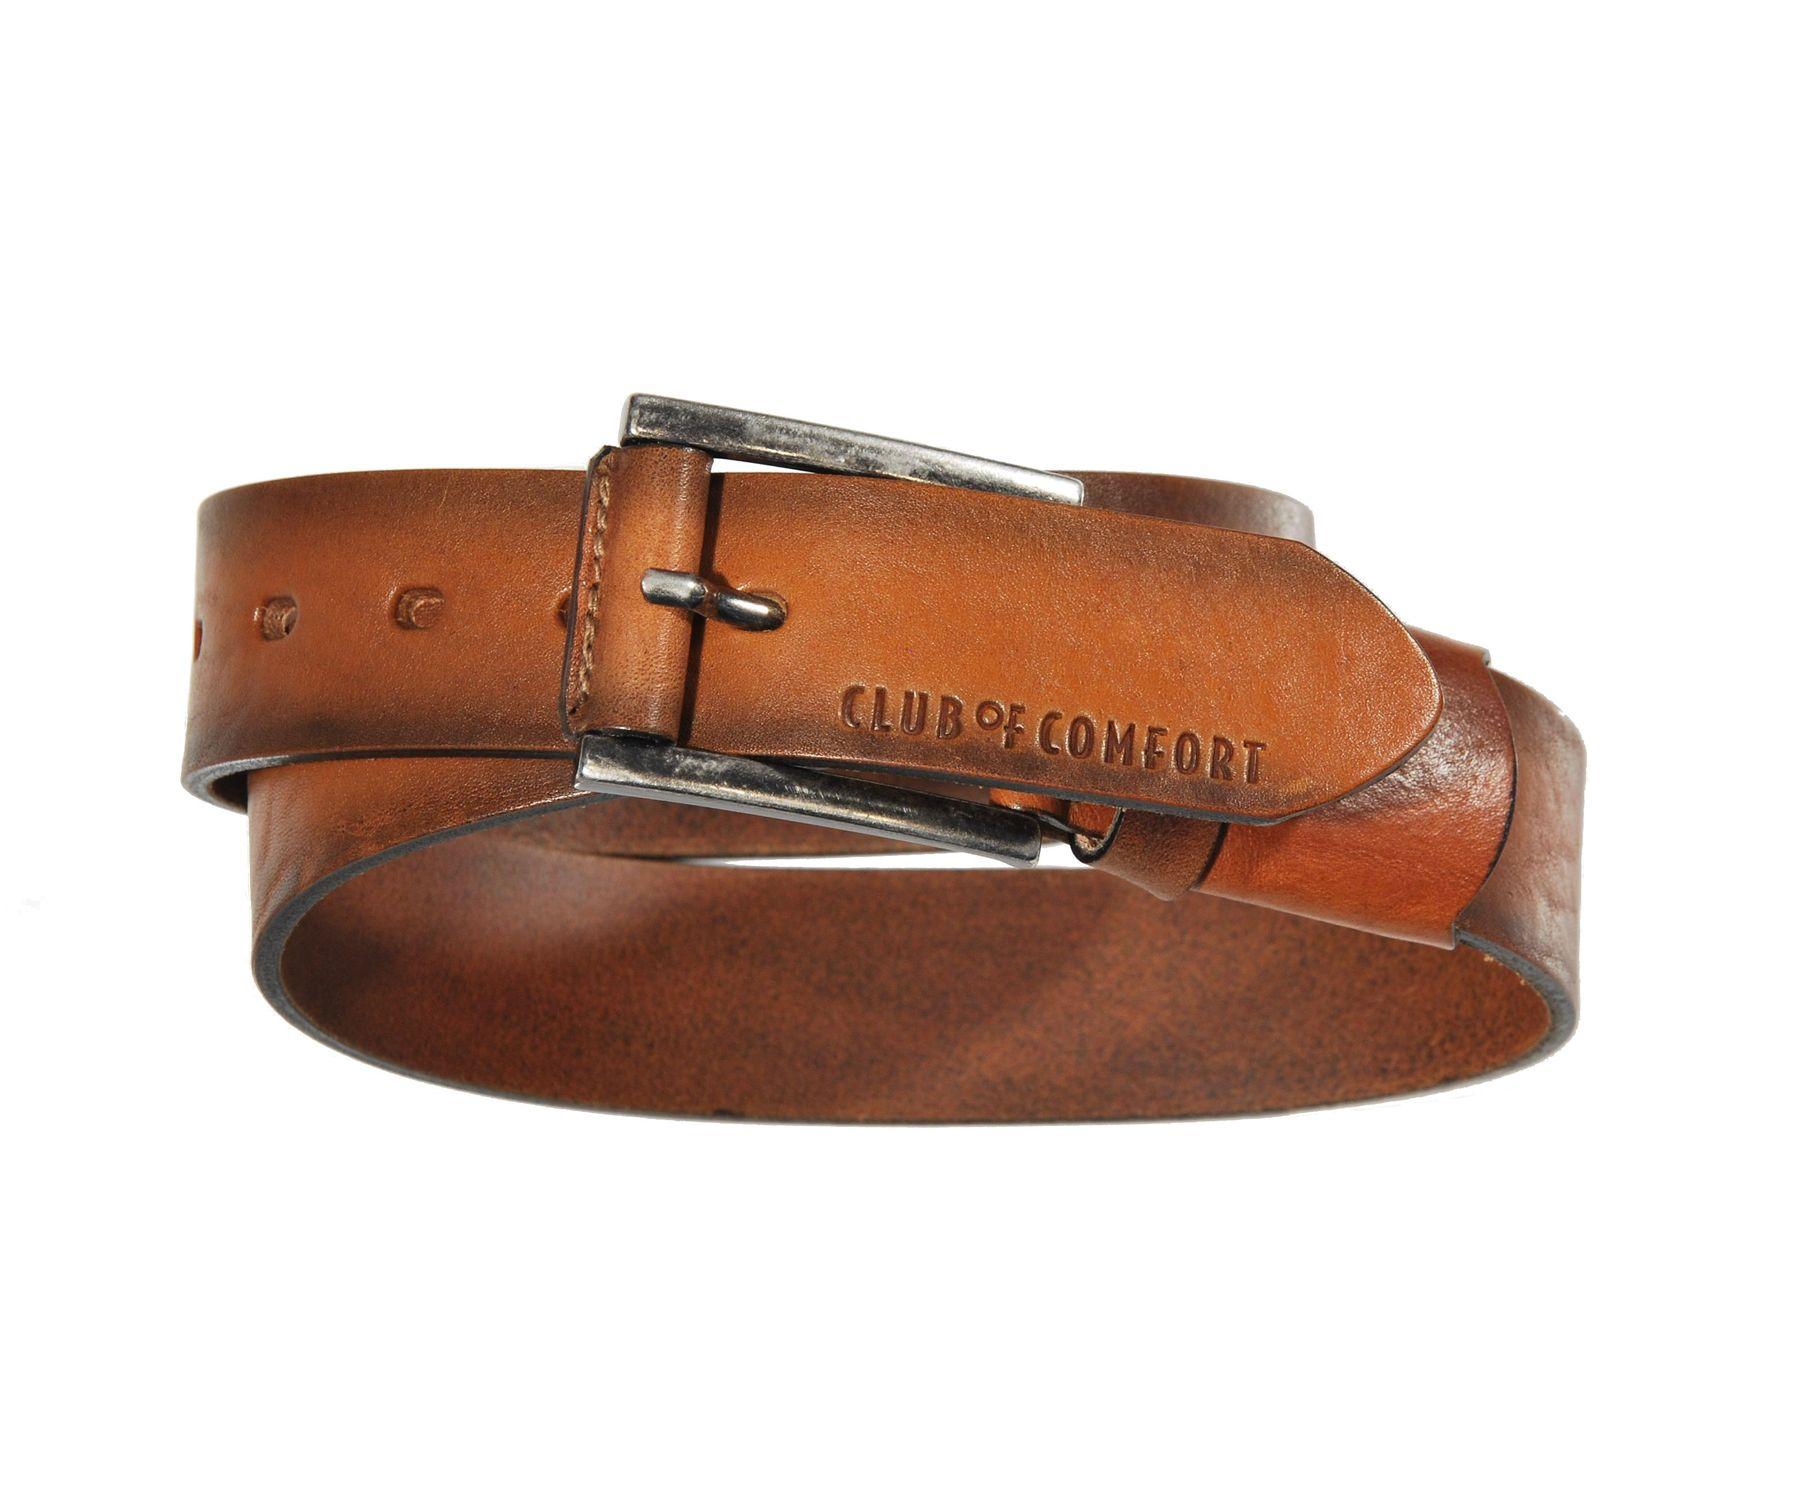 Herren Leder Stretch Gürtel der Marke CLUB OF COMFORT in Braun, Cognac oder Schwarz (54) – Bild 1